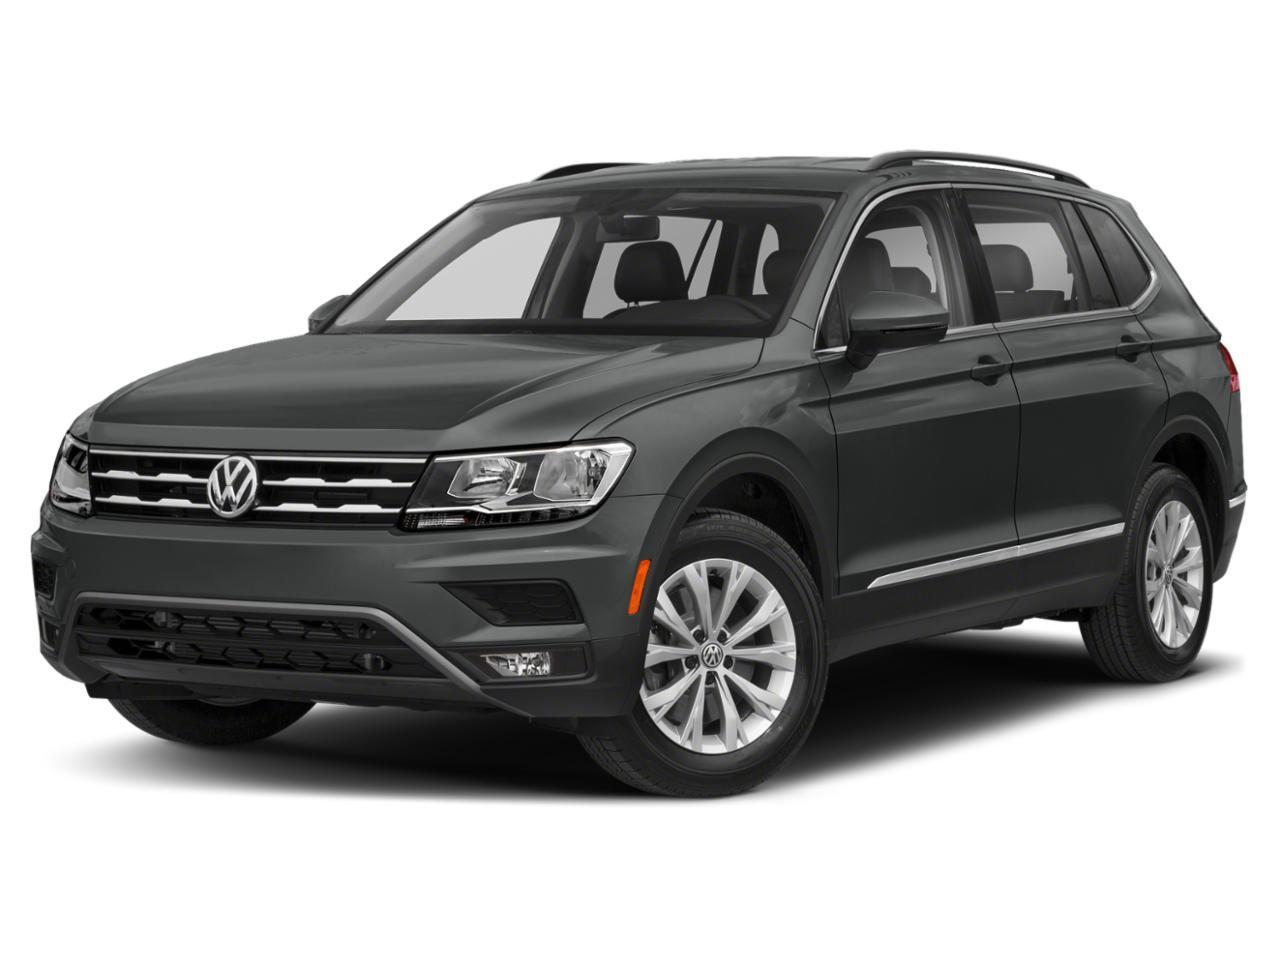 2019 Volkswagen Tiguan Vehicle Photo in San Antonio, TX 78257